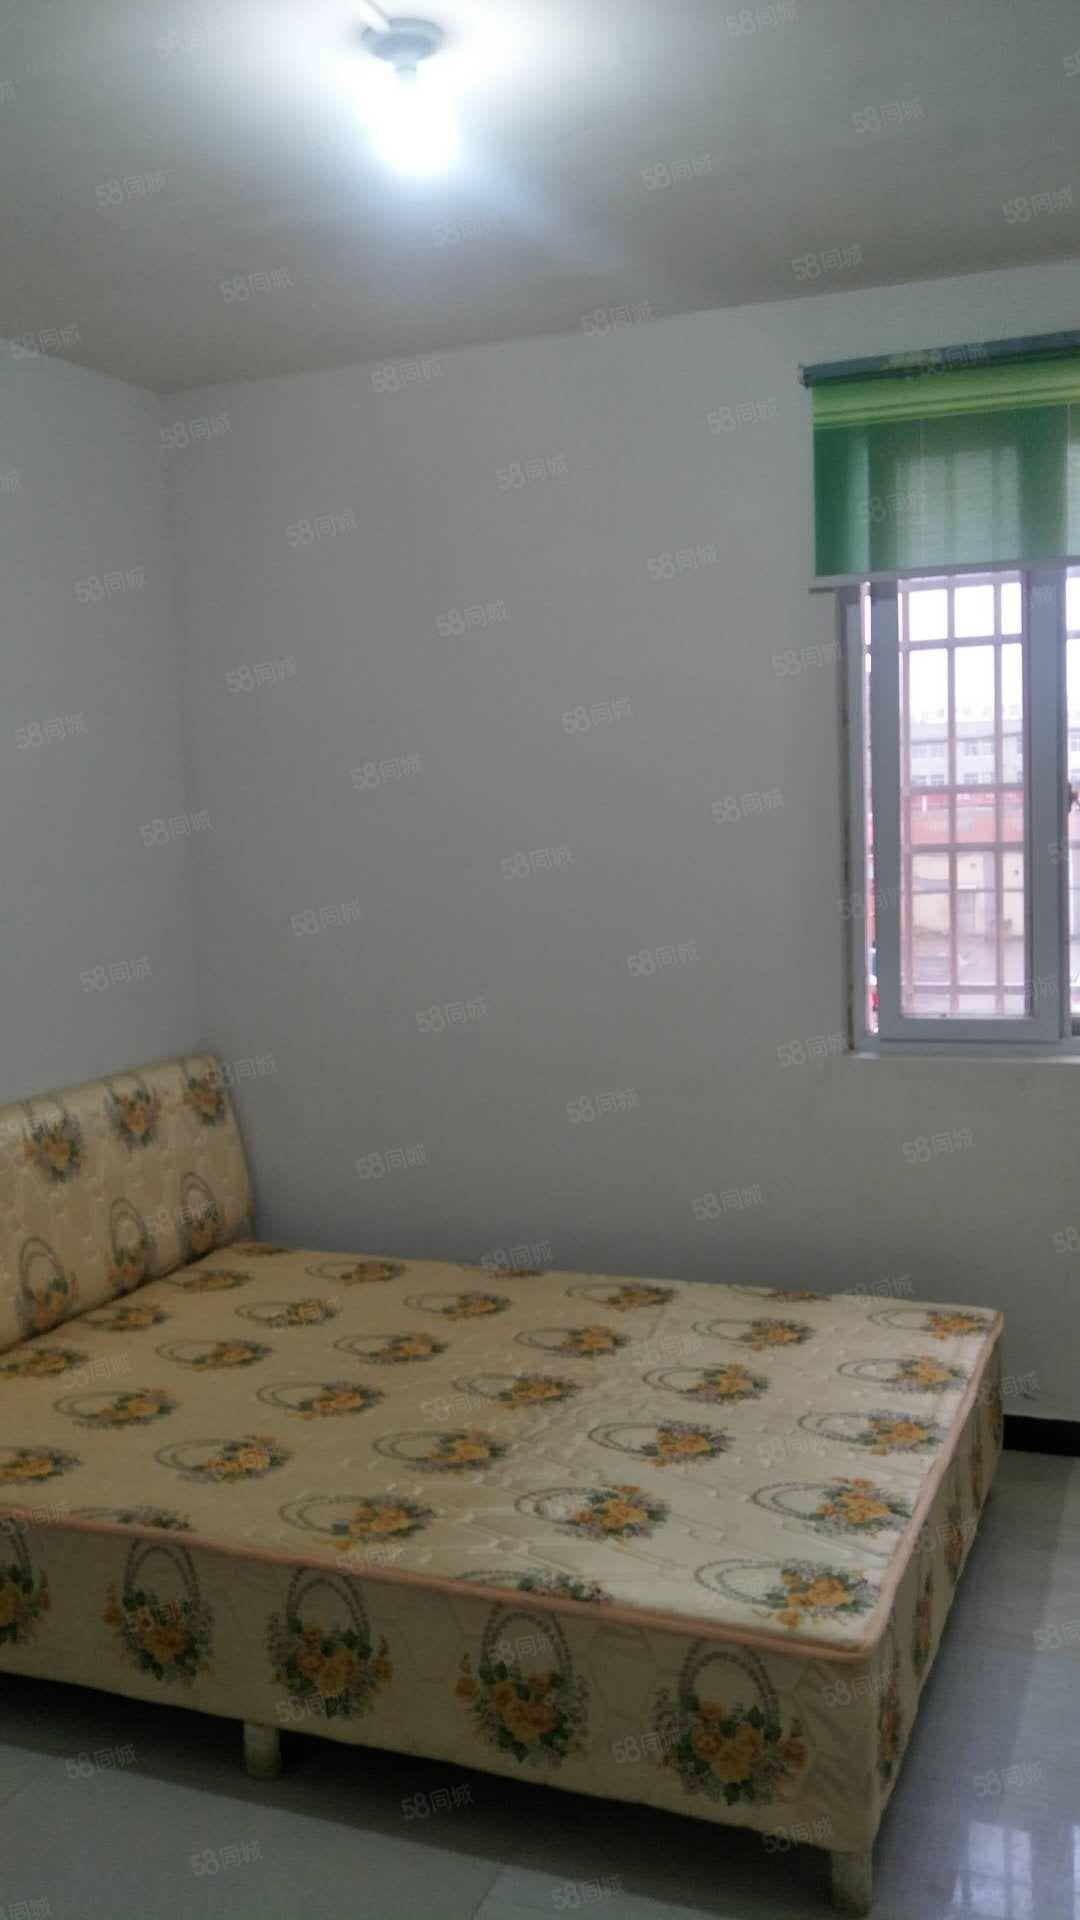 三合大市场首次出租2楼精装修2室一厅家具家电齐全